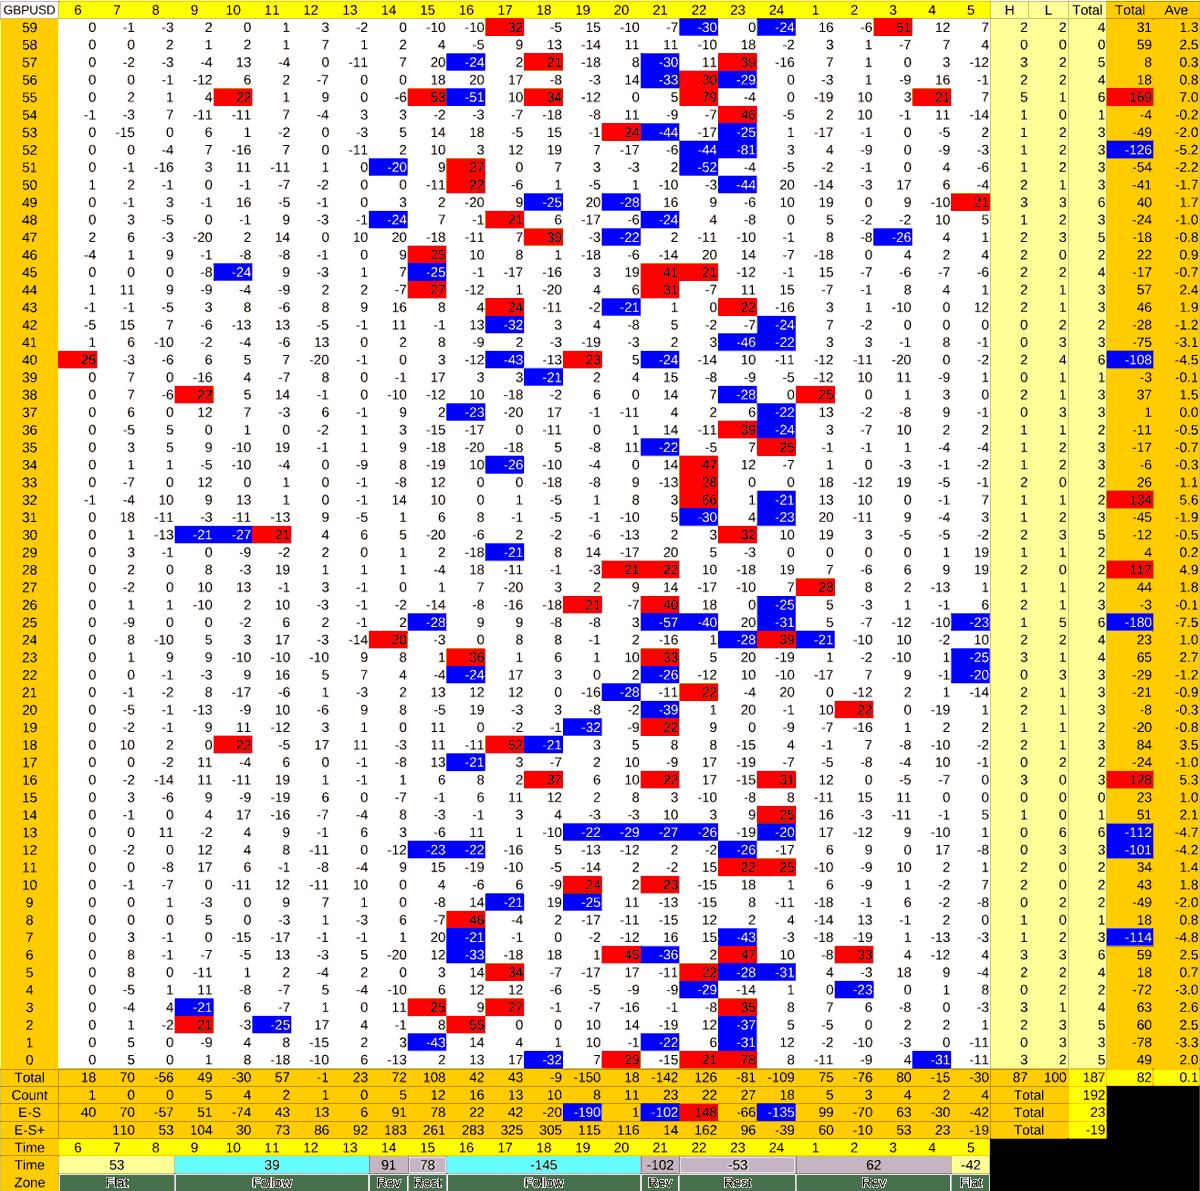 20210802_HS(2)GBPUSD-min